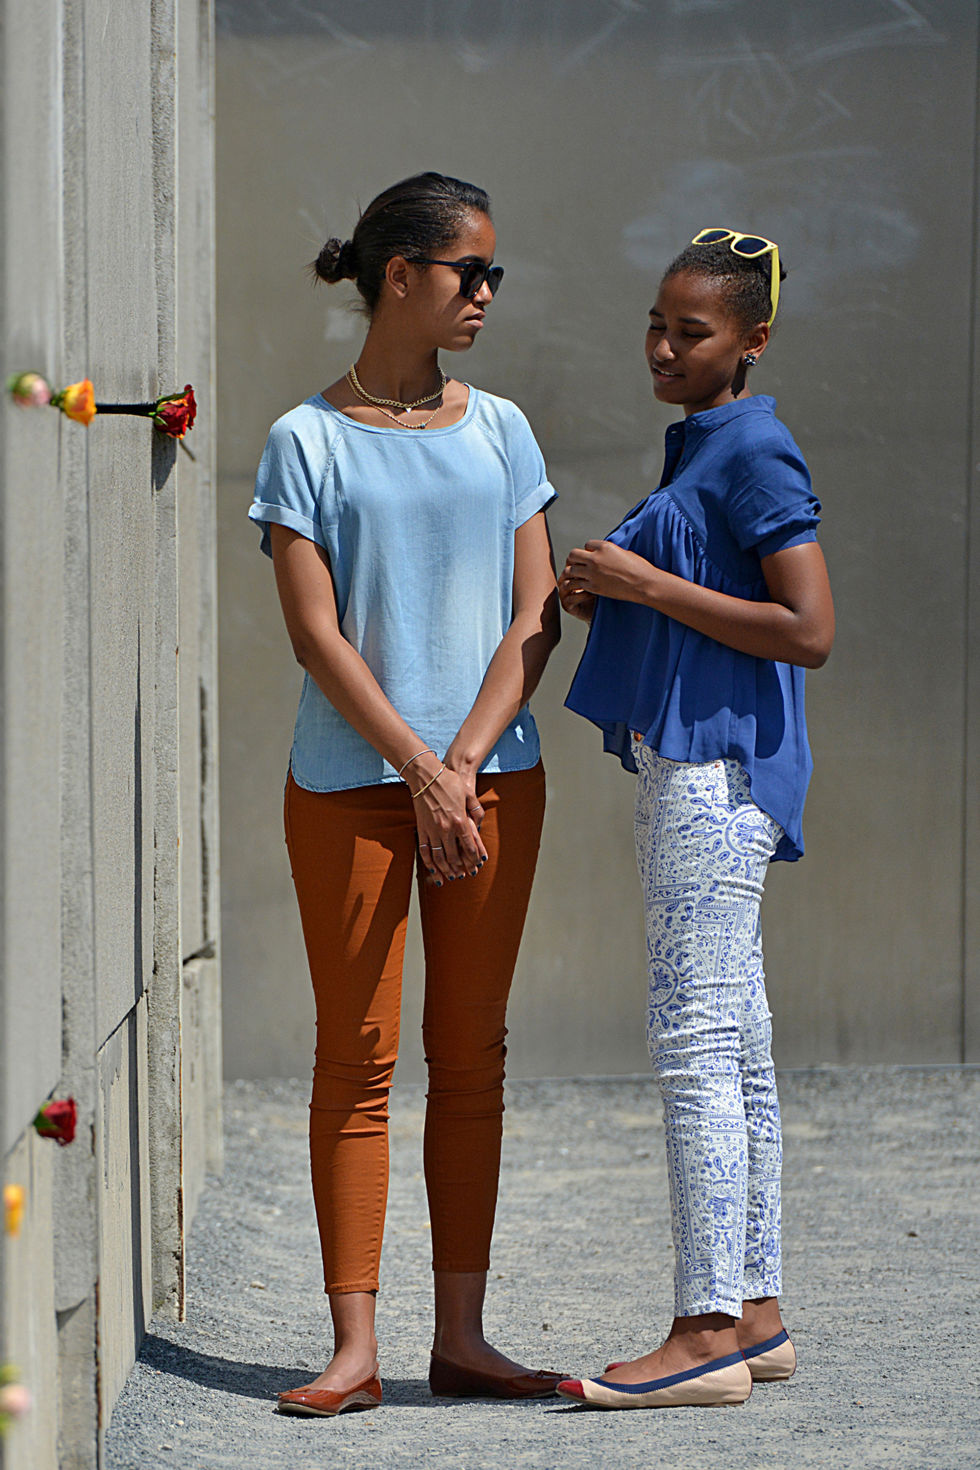 Sasha and Malia Obama's Best Fashion Looks - Style 33